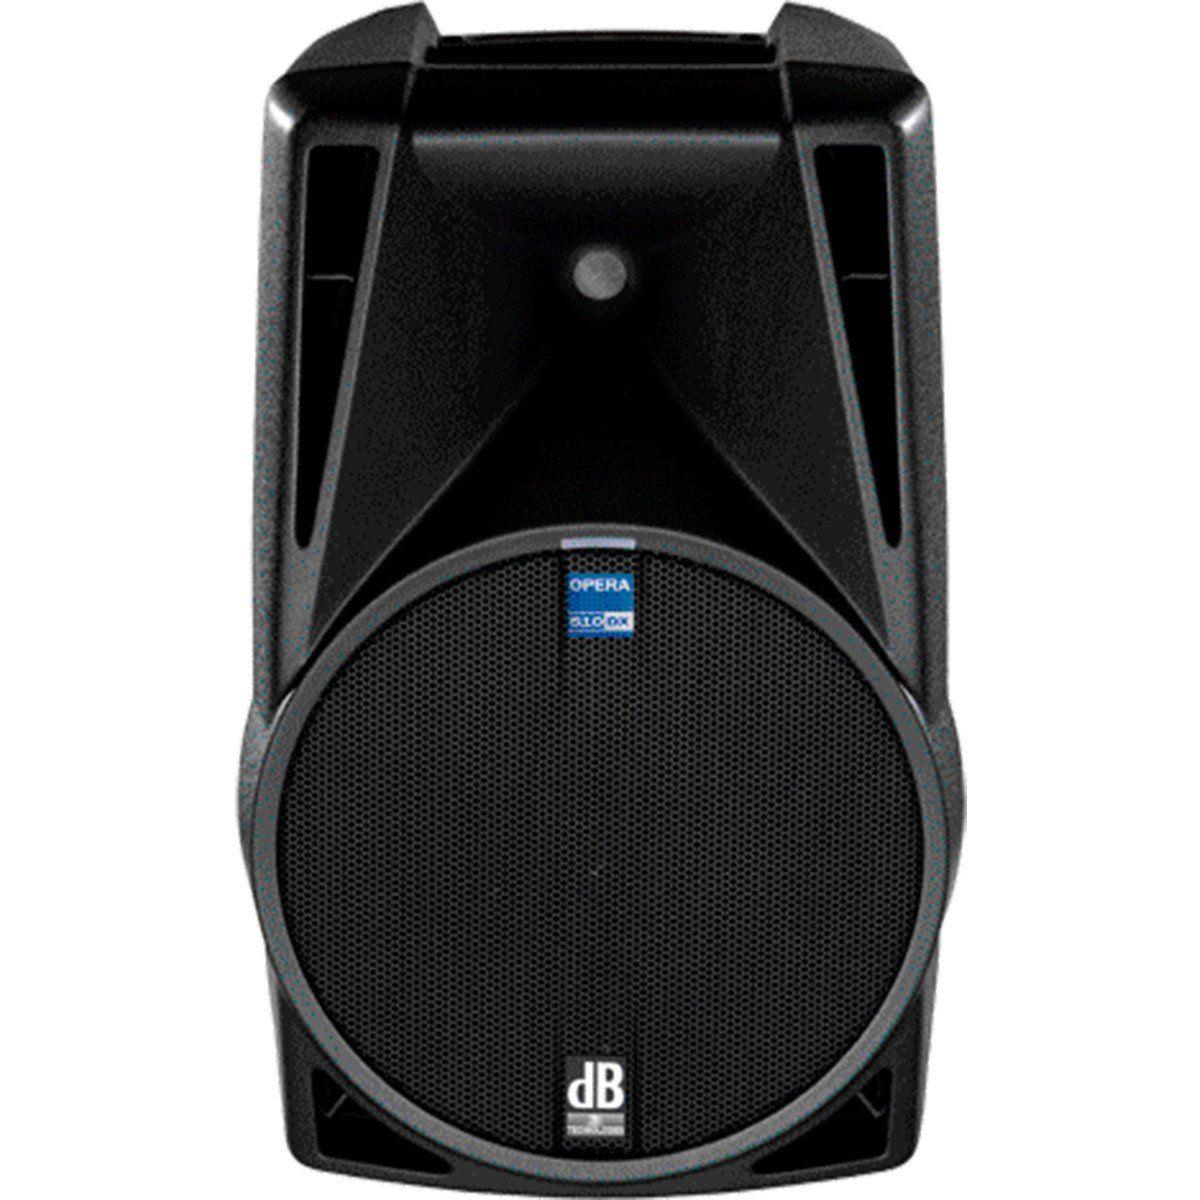 dB Technologies Opera 510DX Caixa de Som 510-DX Acústica Ativa 400W Música ao Vivo